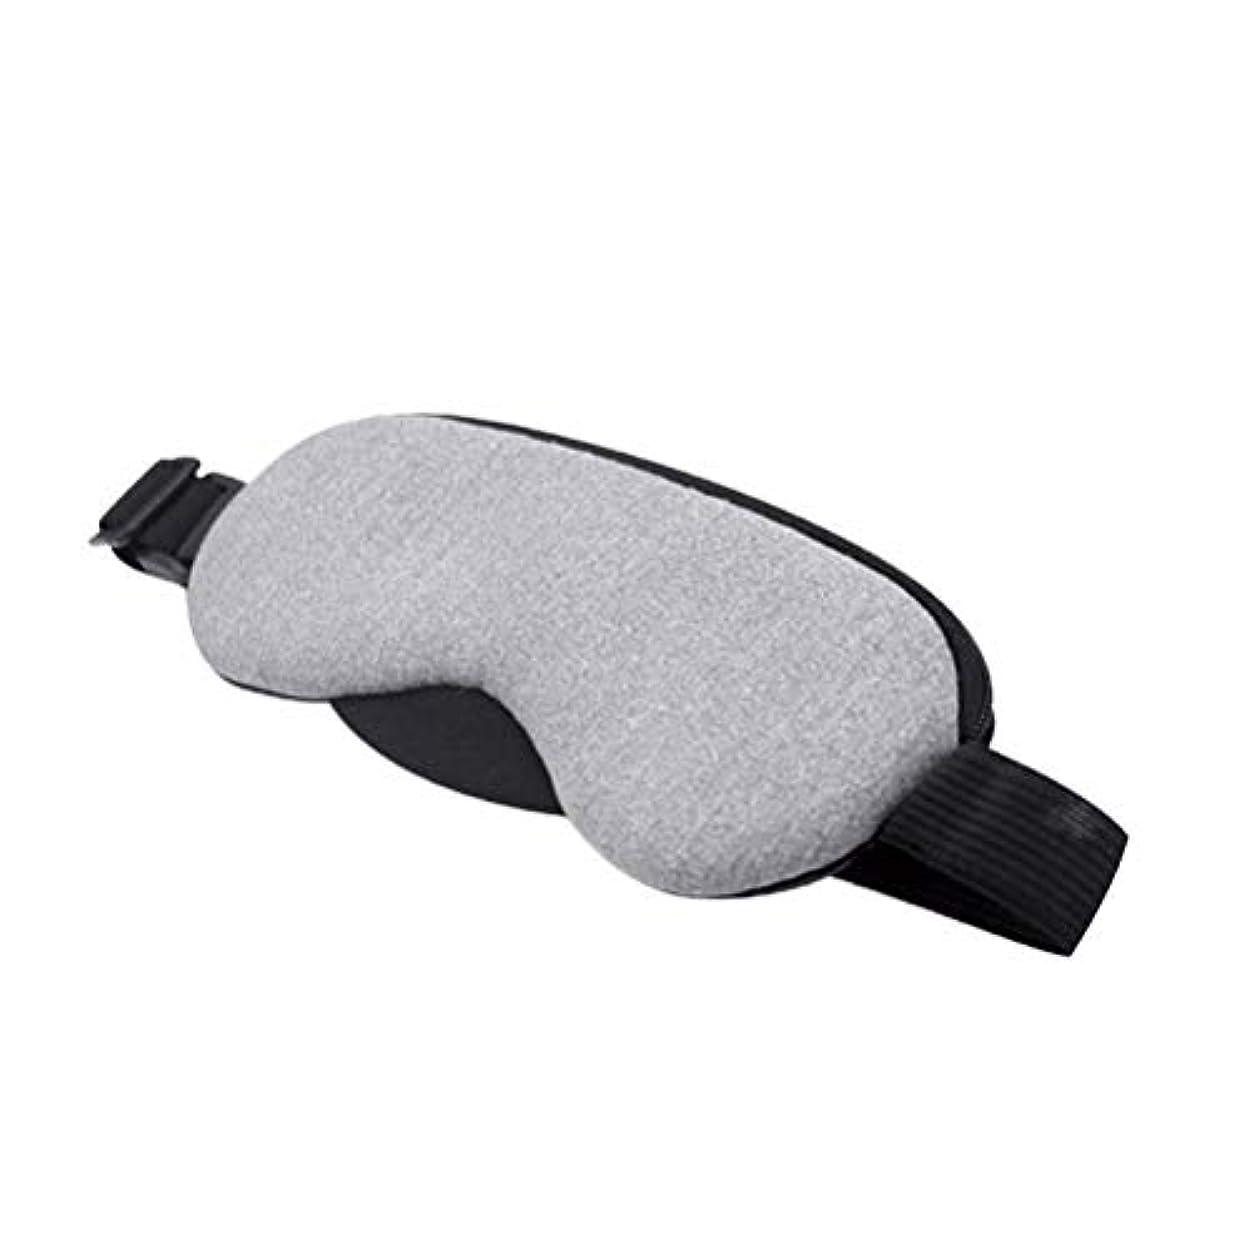 ツールあそこ誇りに思うHealifty アイマスク 蒸気ホットアイマスク USB 加熱式 スリーピングアイマスク 温度とタイミング制御 吹き出物/乾燥/疲れた目(灰色)